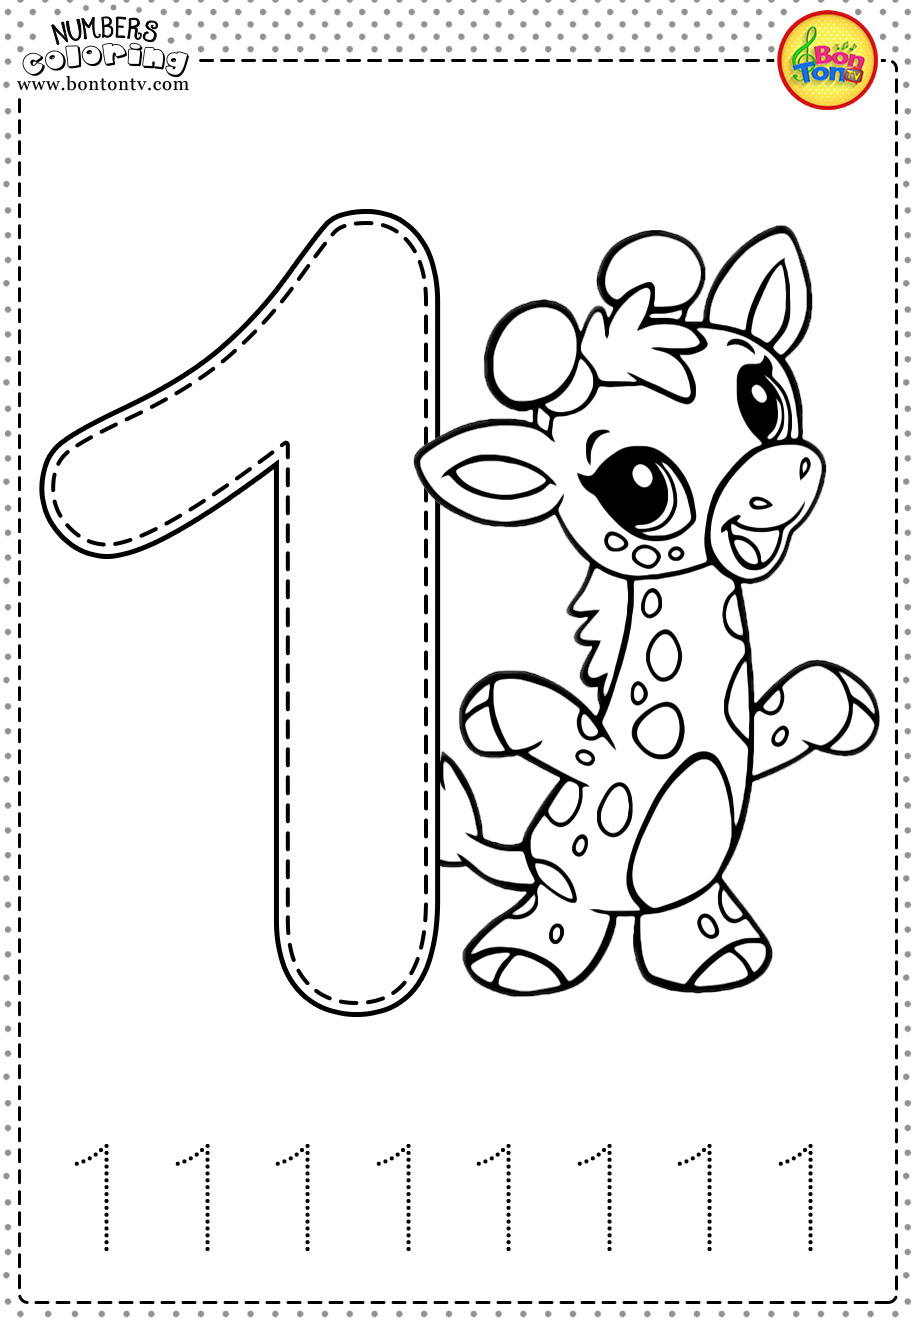 Free Printable Worksheets For Kids Number Or Number 1 Preschool Printa In 2020 Preschool Worksheets Free Printables Free Preschool Printables Free Preschool Worksheets